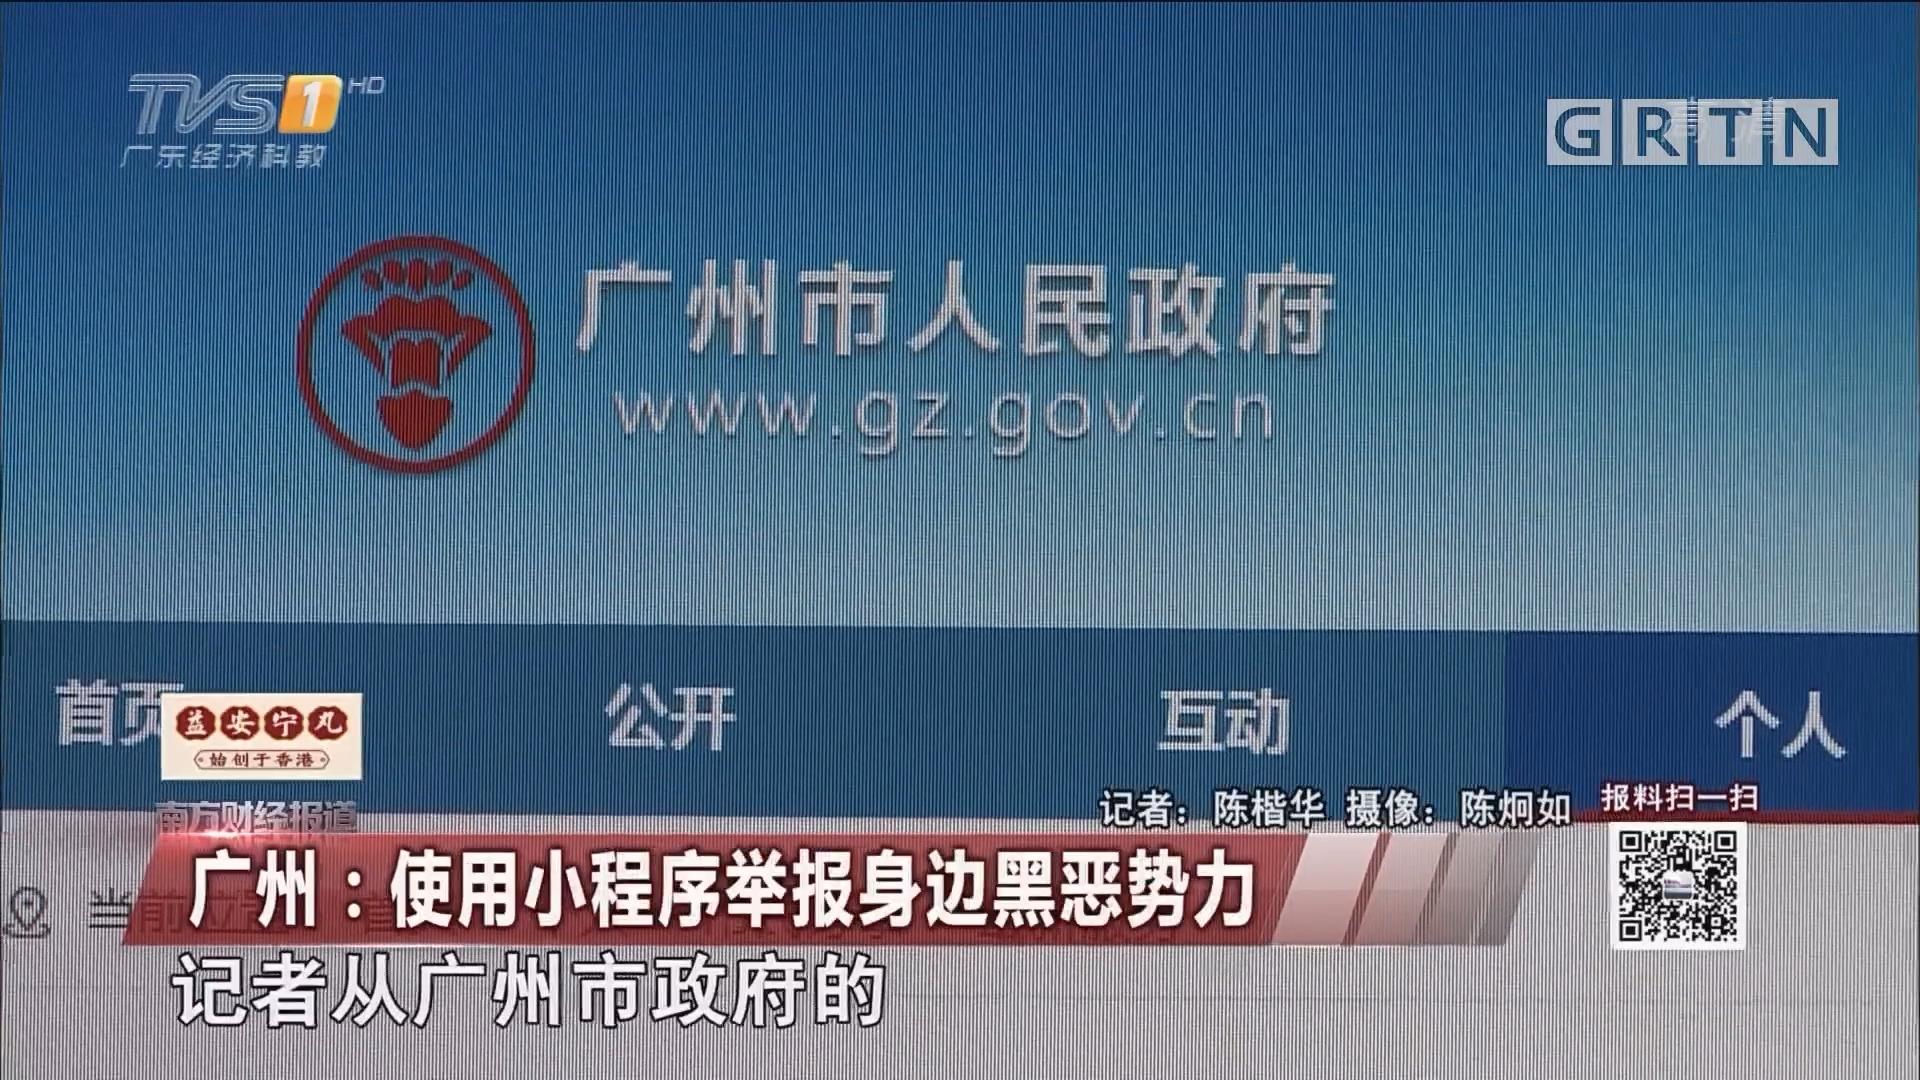 广州:使用小程序举报身边黑恶势力